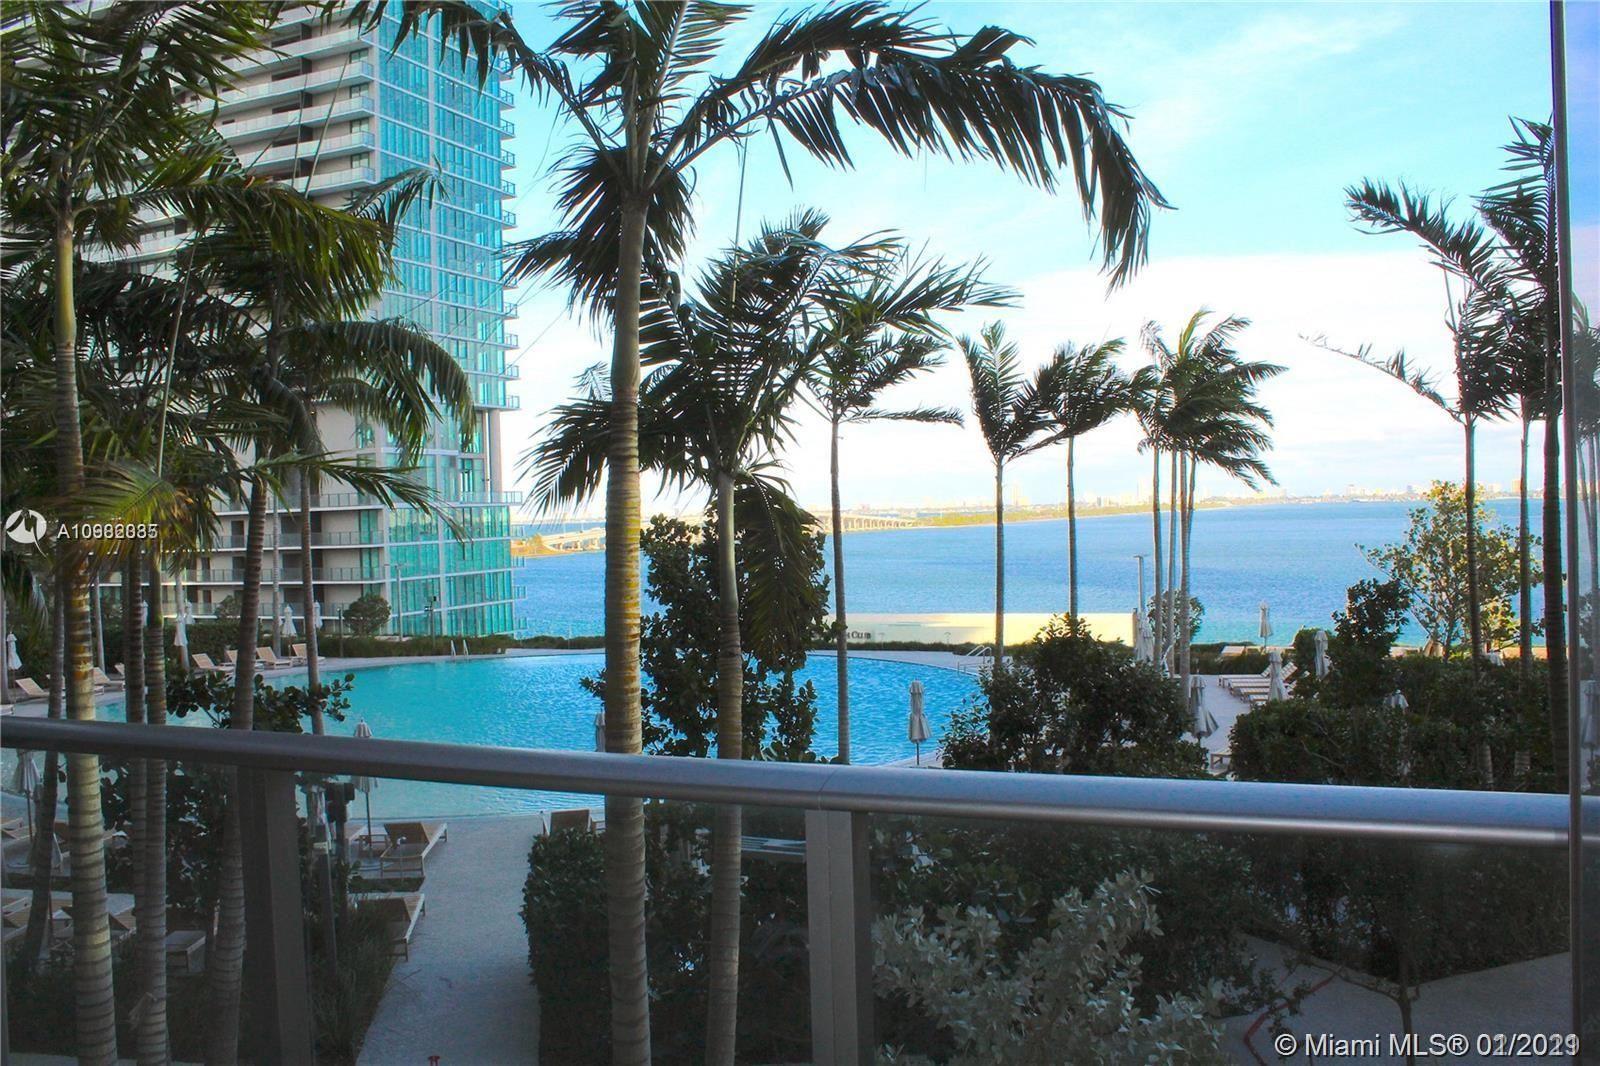 480 NE 31 St #604, Miami, FL 33137 - #: A10982035